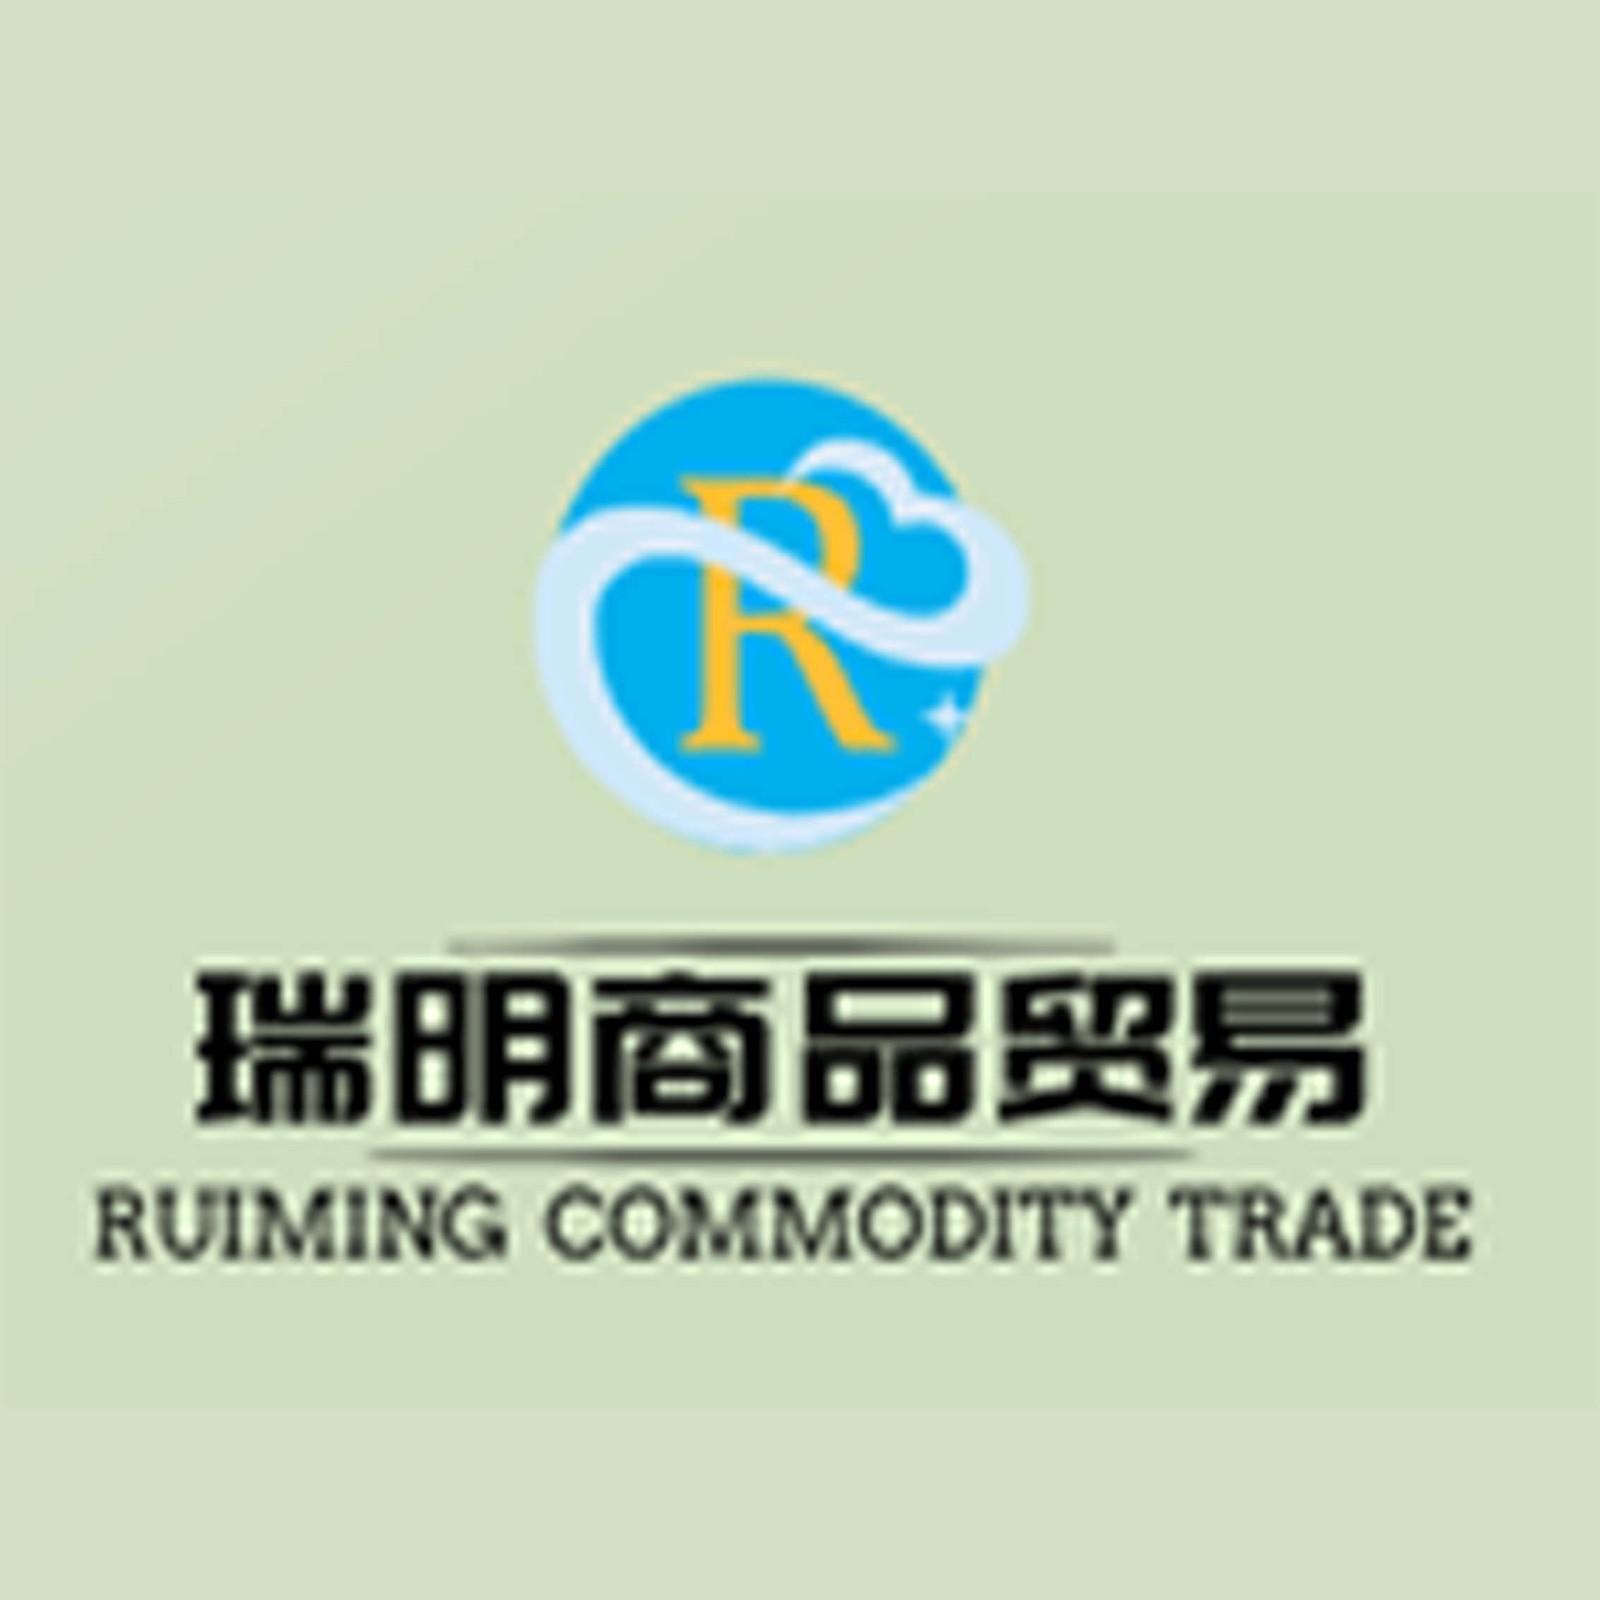 瑞明商品贸易有限公司